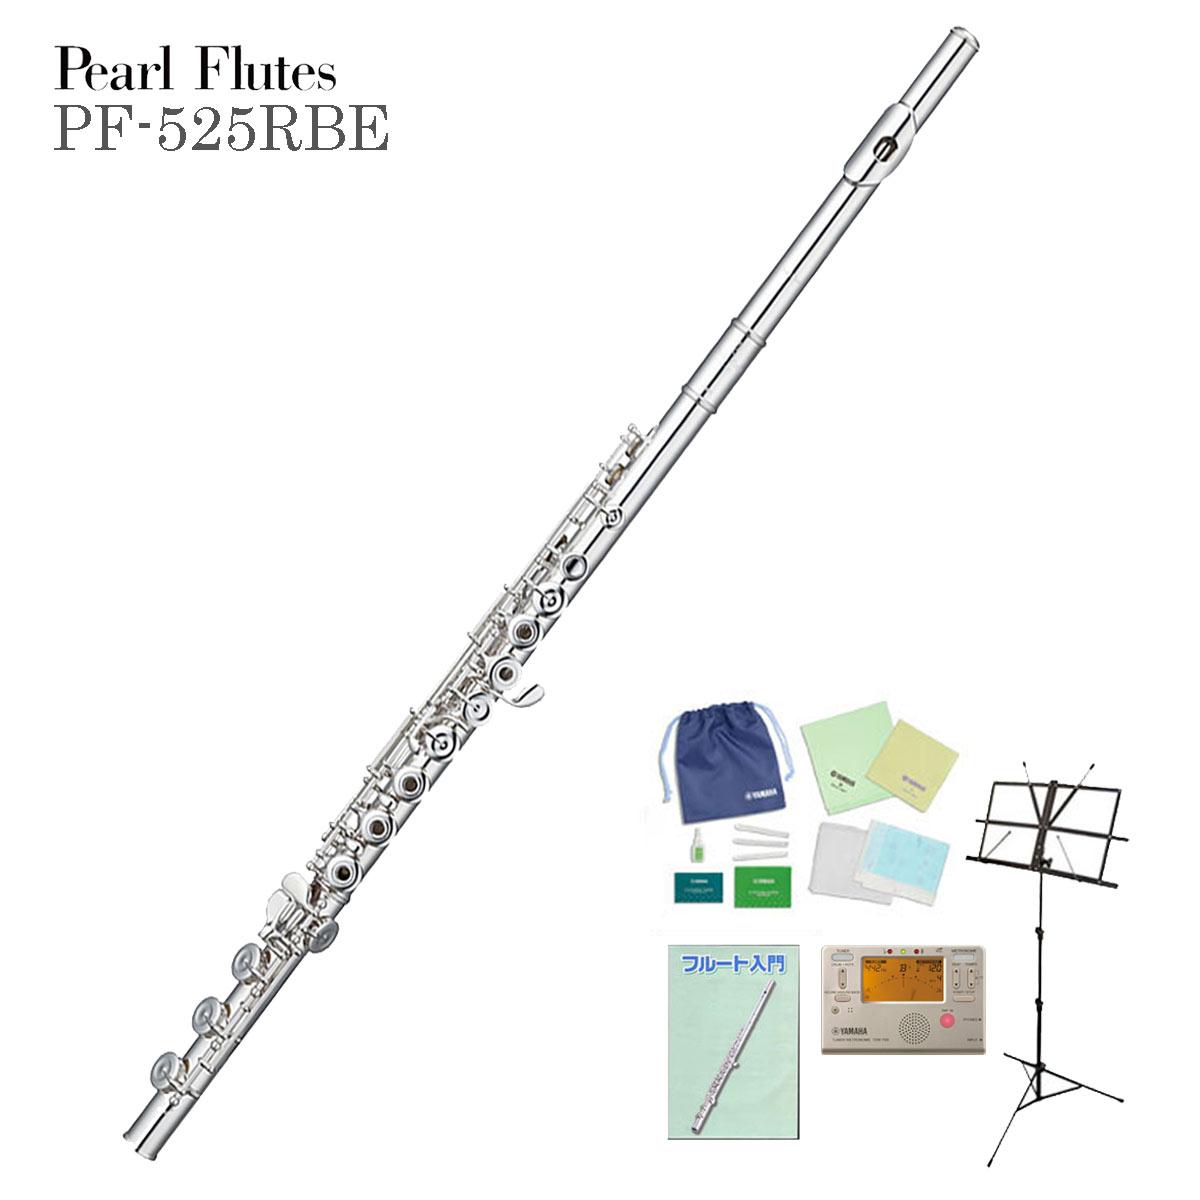 【在庫あり】Pearl Flute / PF-525RBE パール フルート オフセット リングキィ H足管【全部入りセット】《出荷前検品》《未展示保管の新品をお届け》《5年保証》